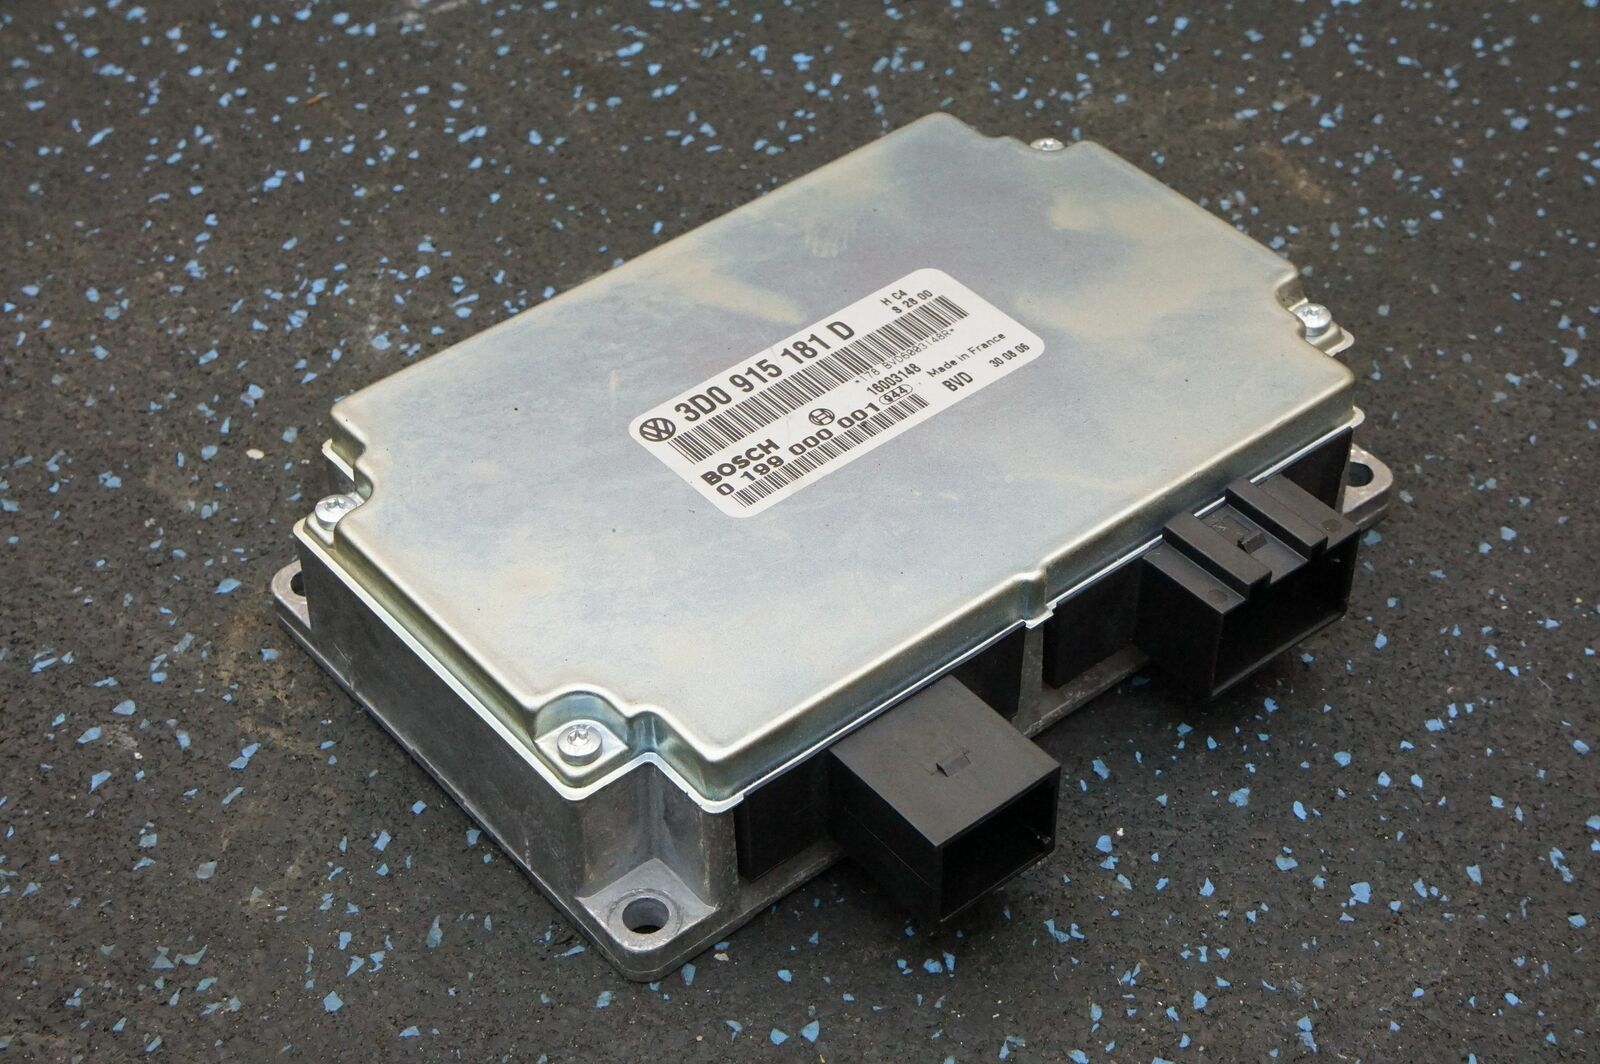 Earthmate Gps Model 9538 Driverlasopaall